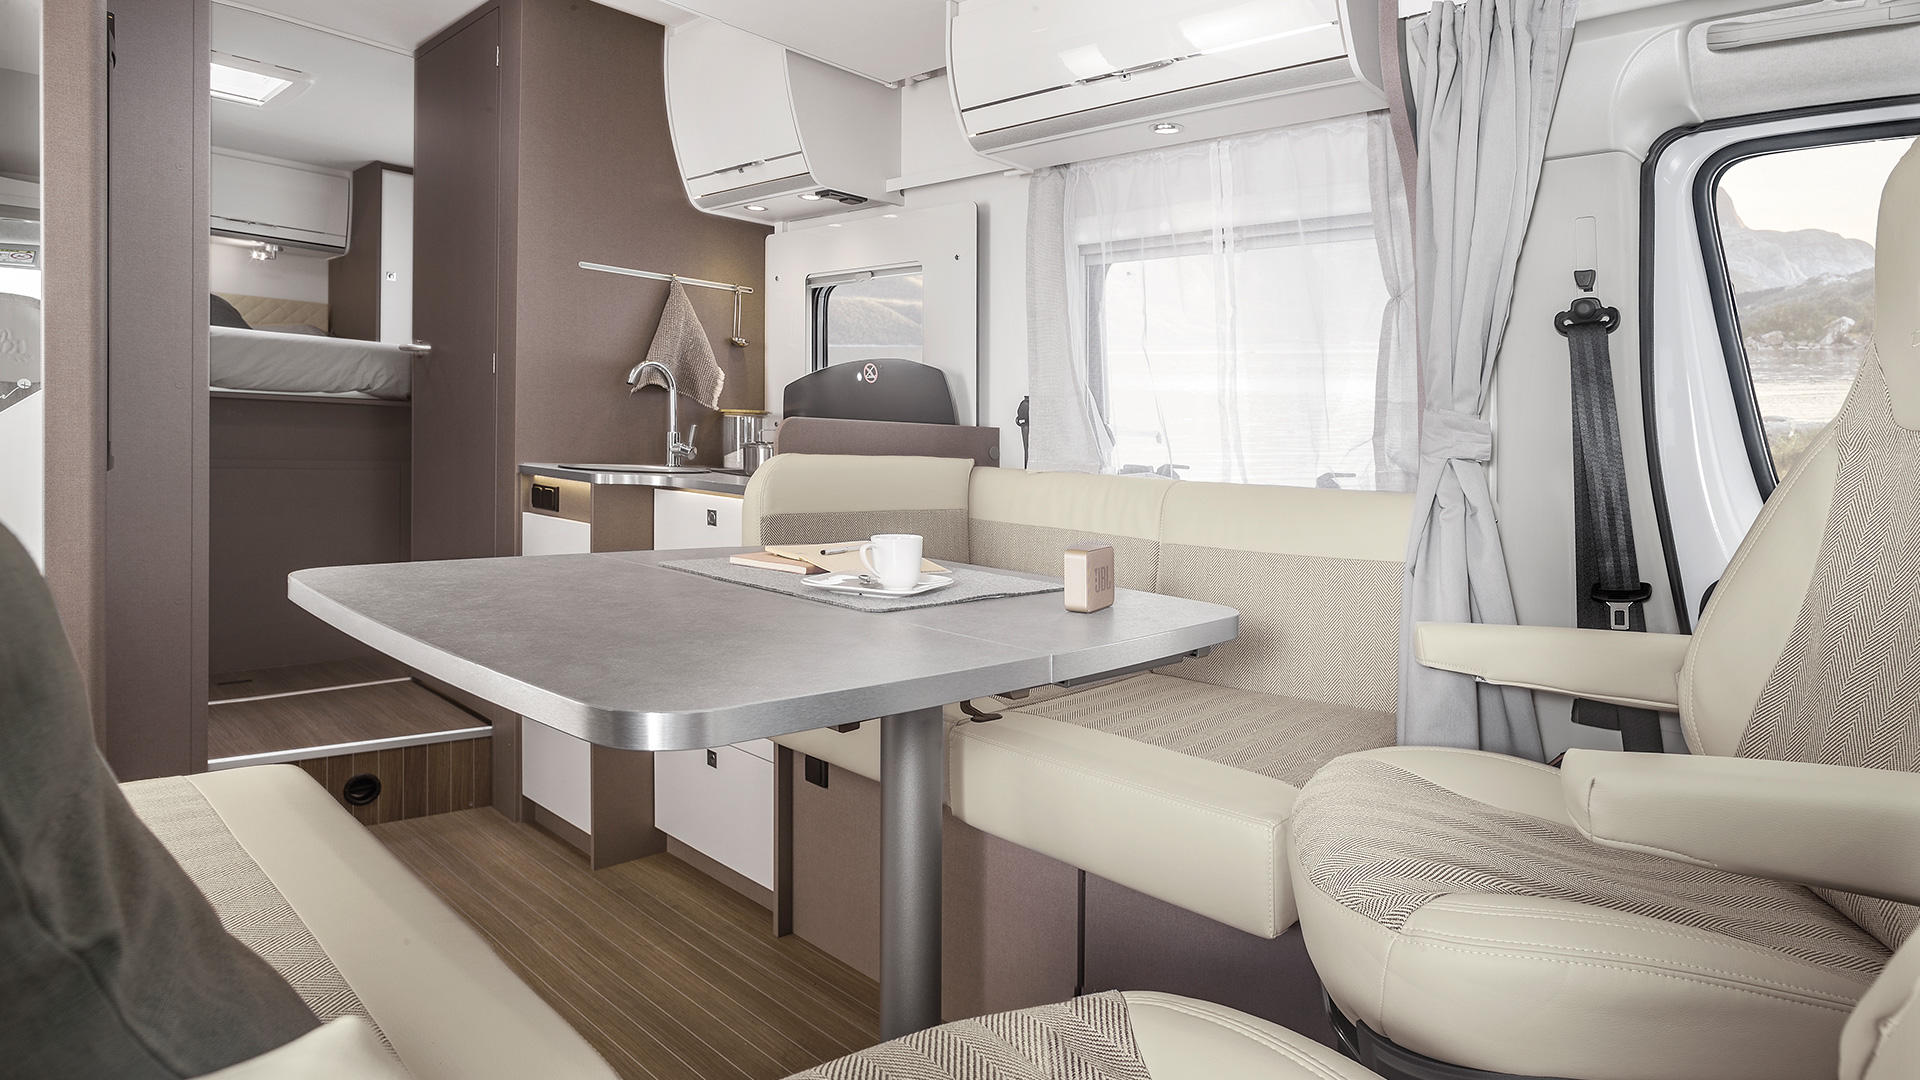 Etrusco 2021 Int T7400QBC 747 Pano